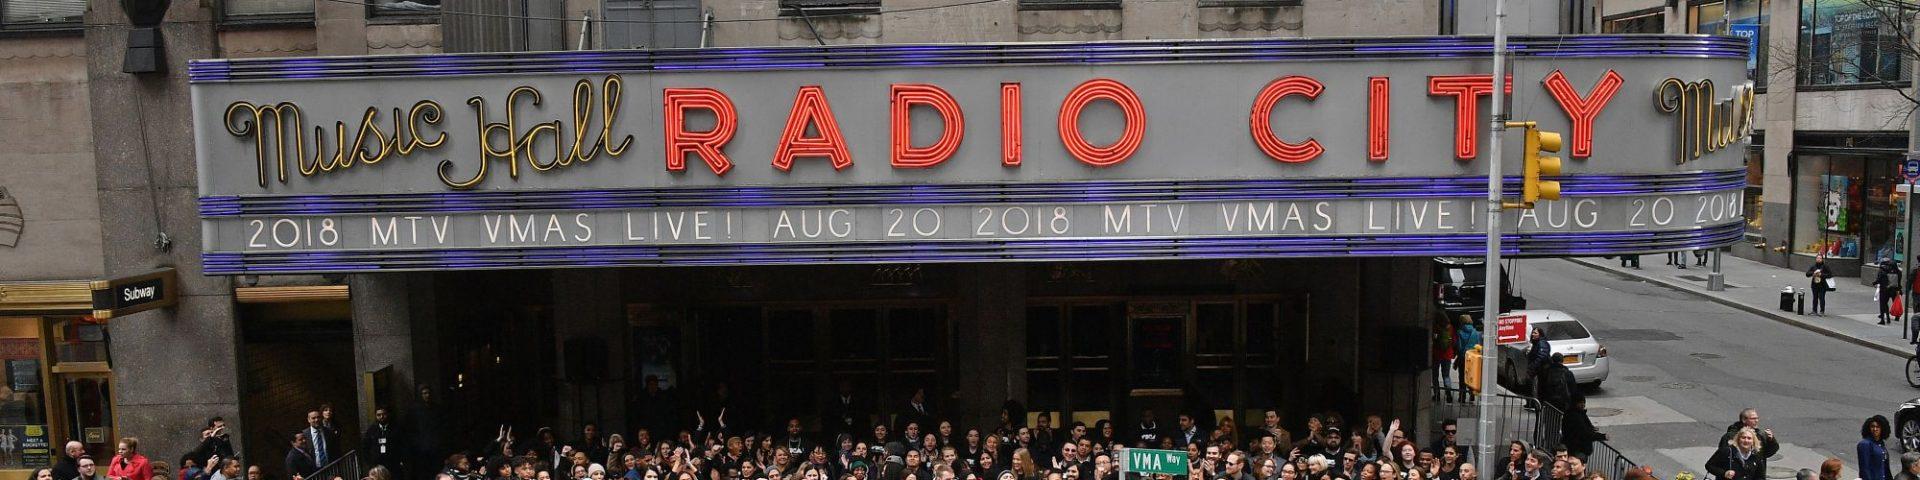 MTV VMA 2018: come seguire l'evento in Italia